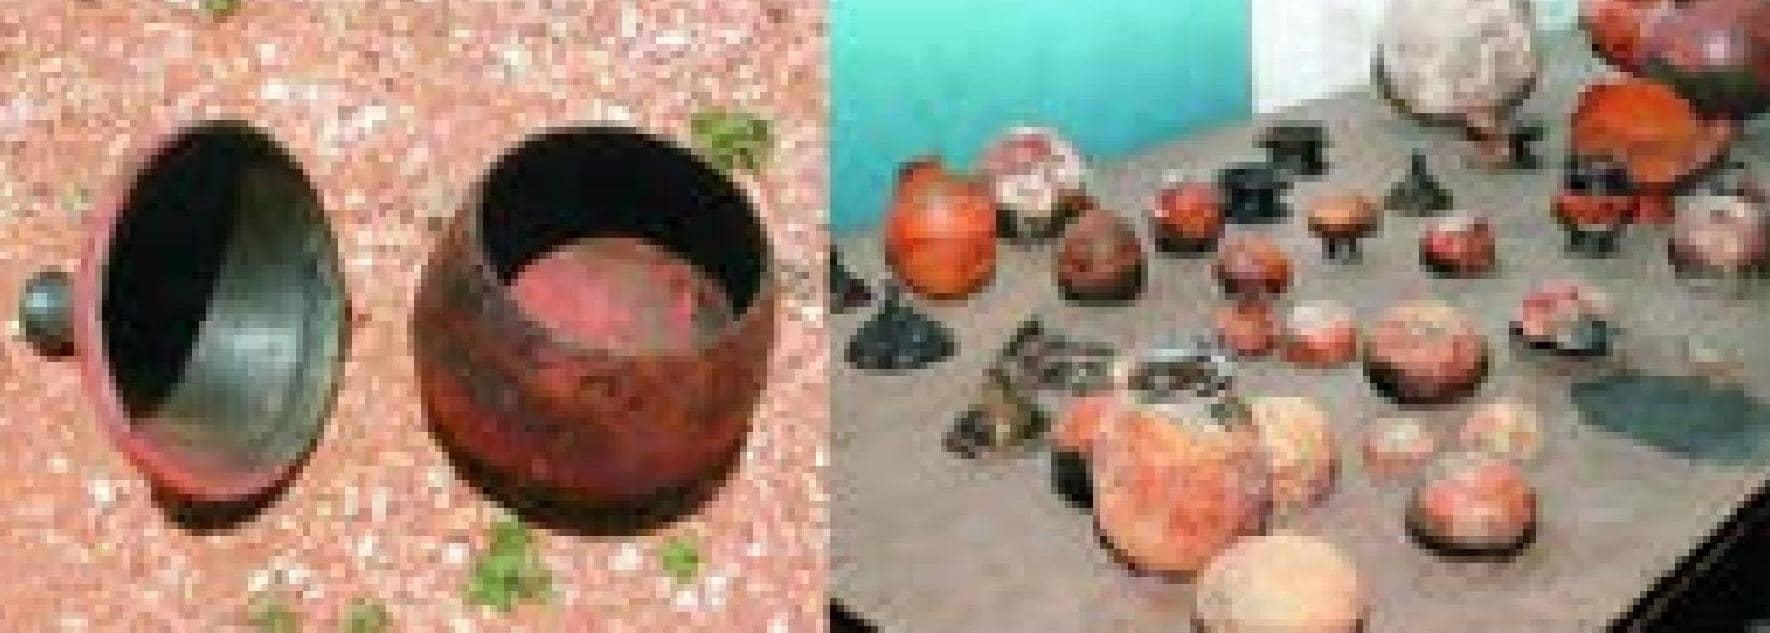 ஆதிச்சநல்லூரில் தொல்லியல்துறை அகழாய்வு 3000 ஆண்டுகள் பழமையான பொருட்கள் கண்டெடுப்பு